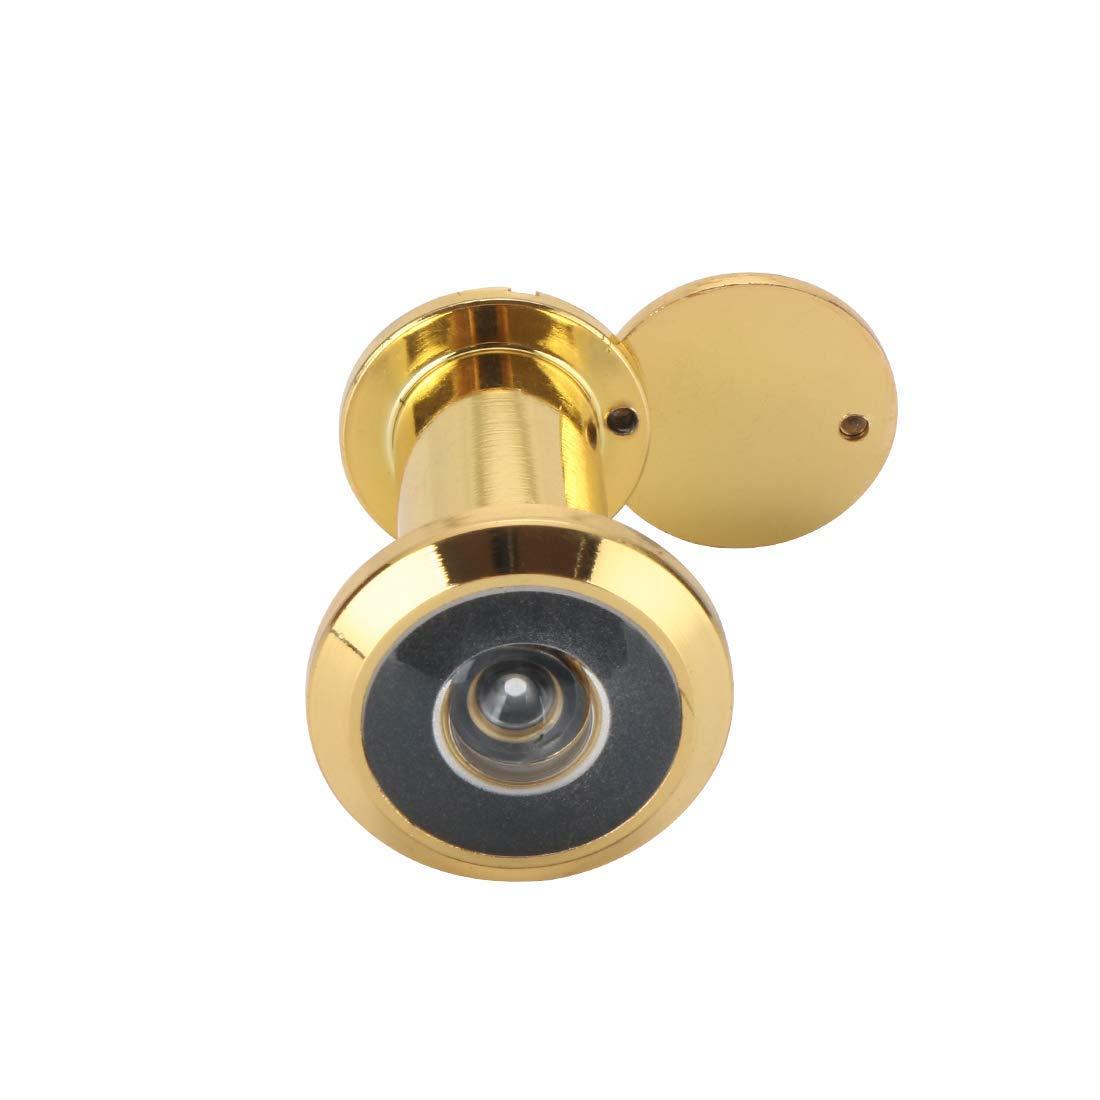 Tü rspion aus massivem Messing, 200-Grad-Tü rspion mit robuster rotierender Sichtschutzabdeckung fü r 3,8 cm bis 6,3 cm Tü ren fü r Zuhause, Bü ro, Hotel (Gold) Junxave